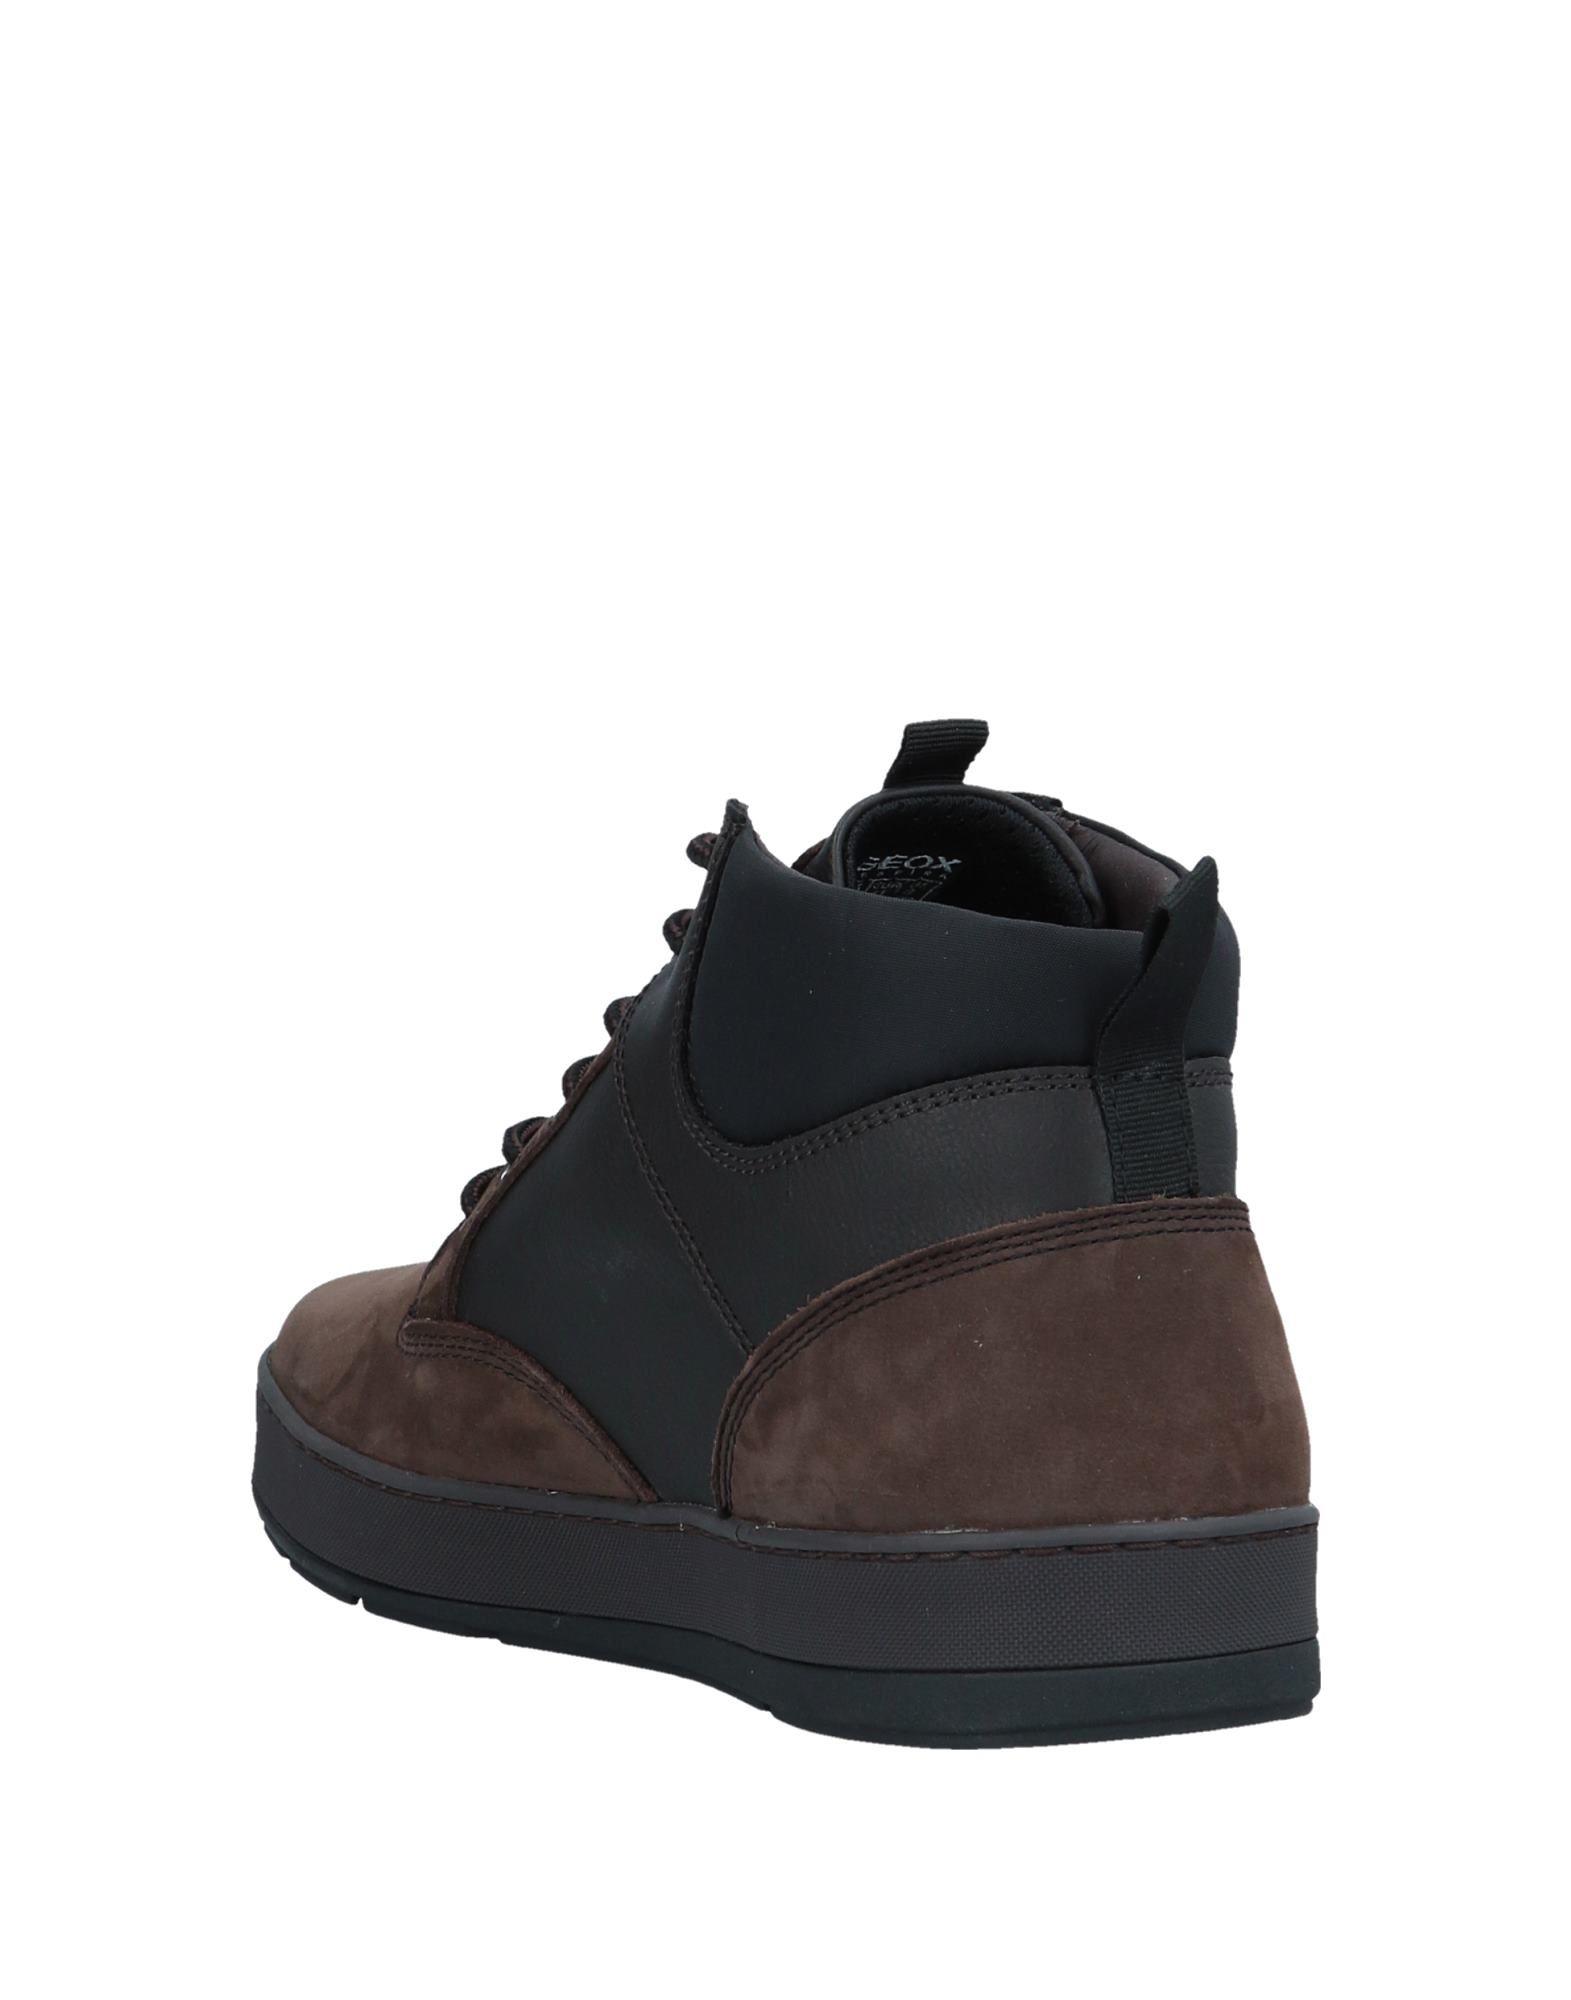 Geox Sneakers Sneakers Sneakers - Men Geox Sneakers online on  Canada - 11577294EC c4b5bf